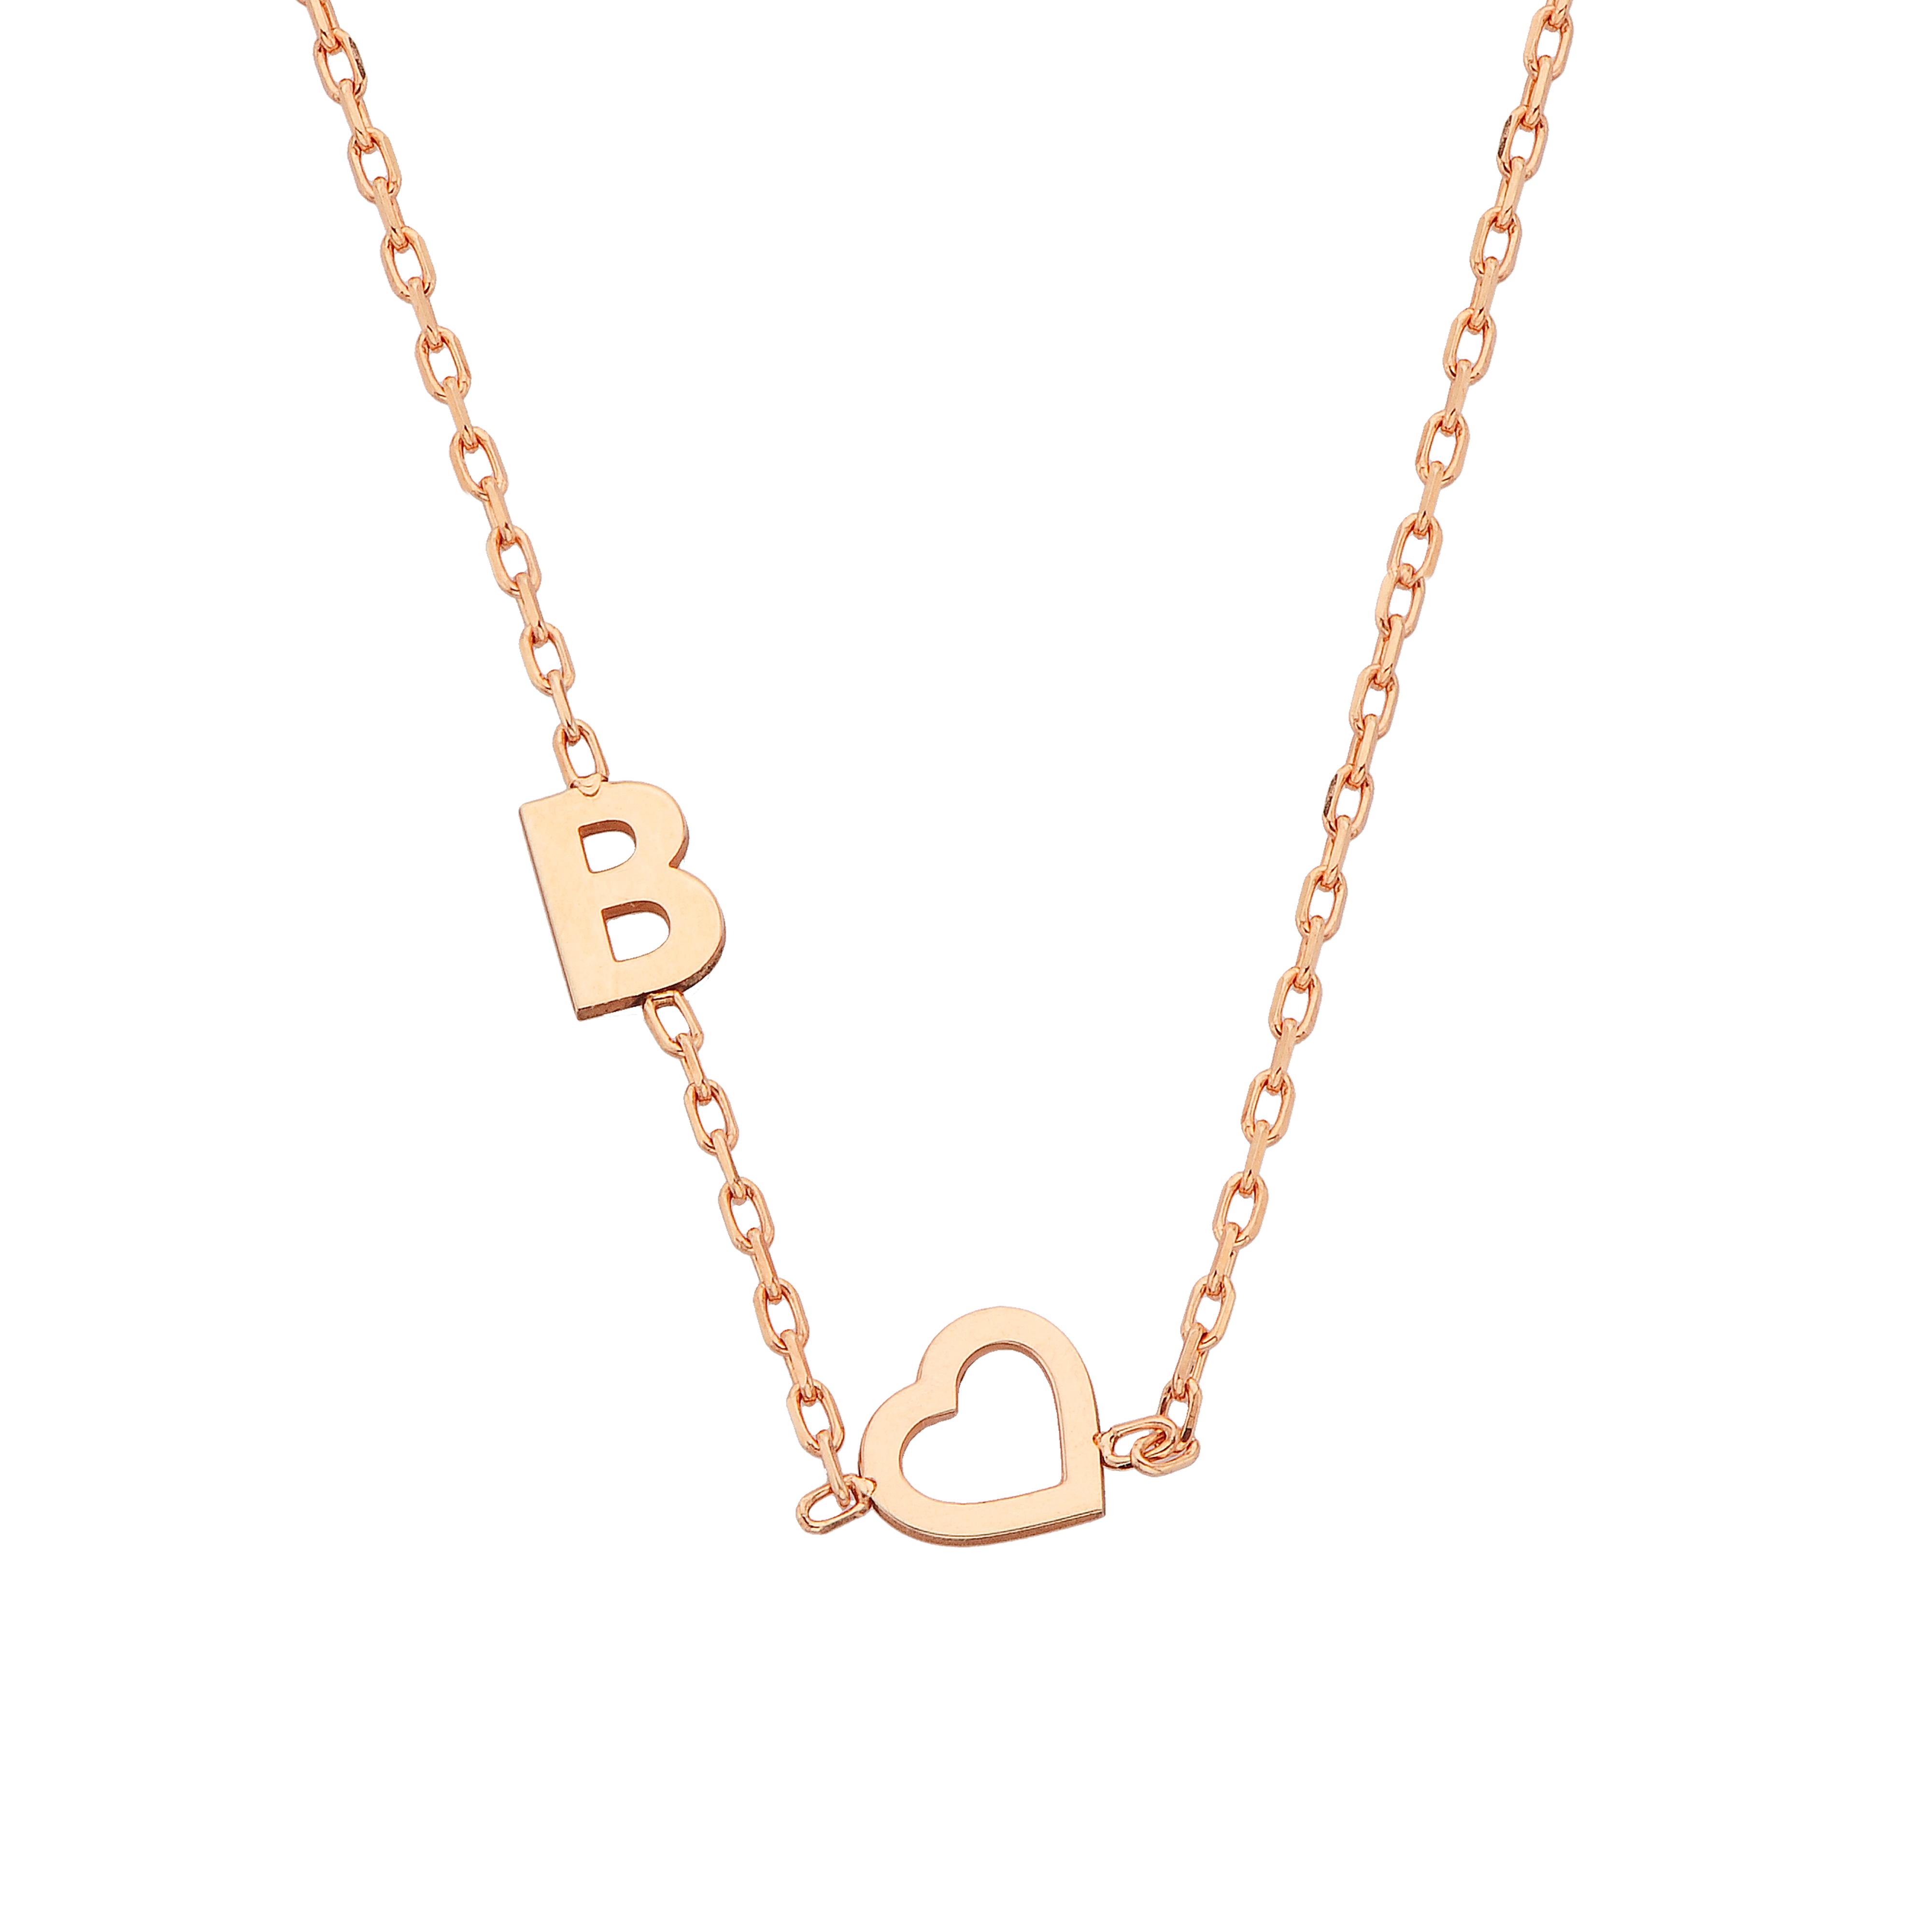 Sideway Heart Initial Necklace , Heart Letter Necklace , Custom Letter Necklace , Initial Necklace With Heart